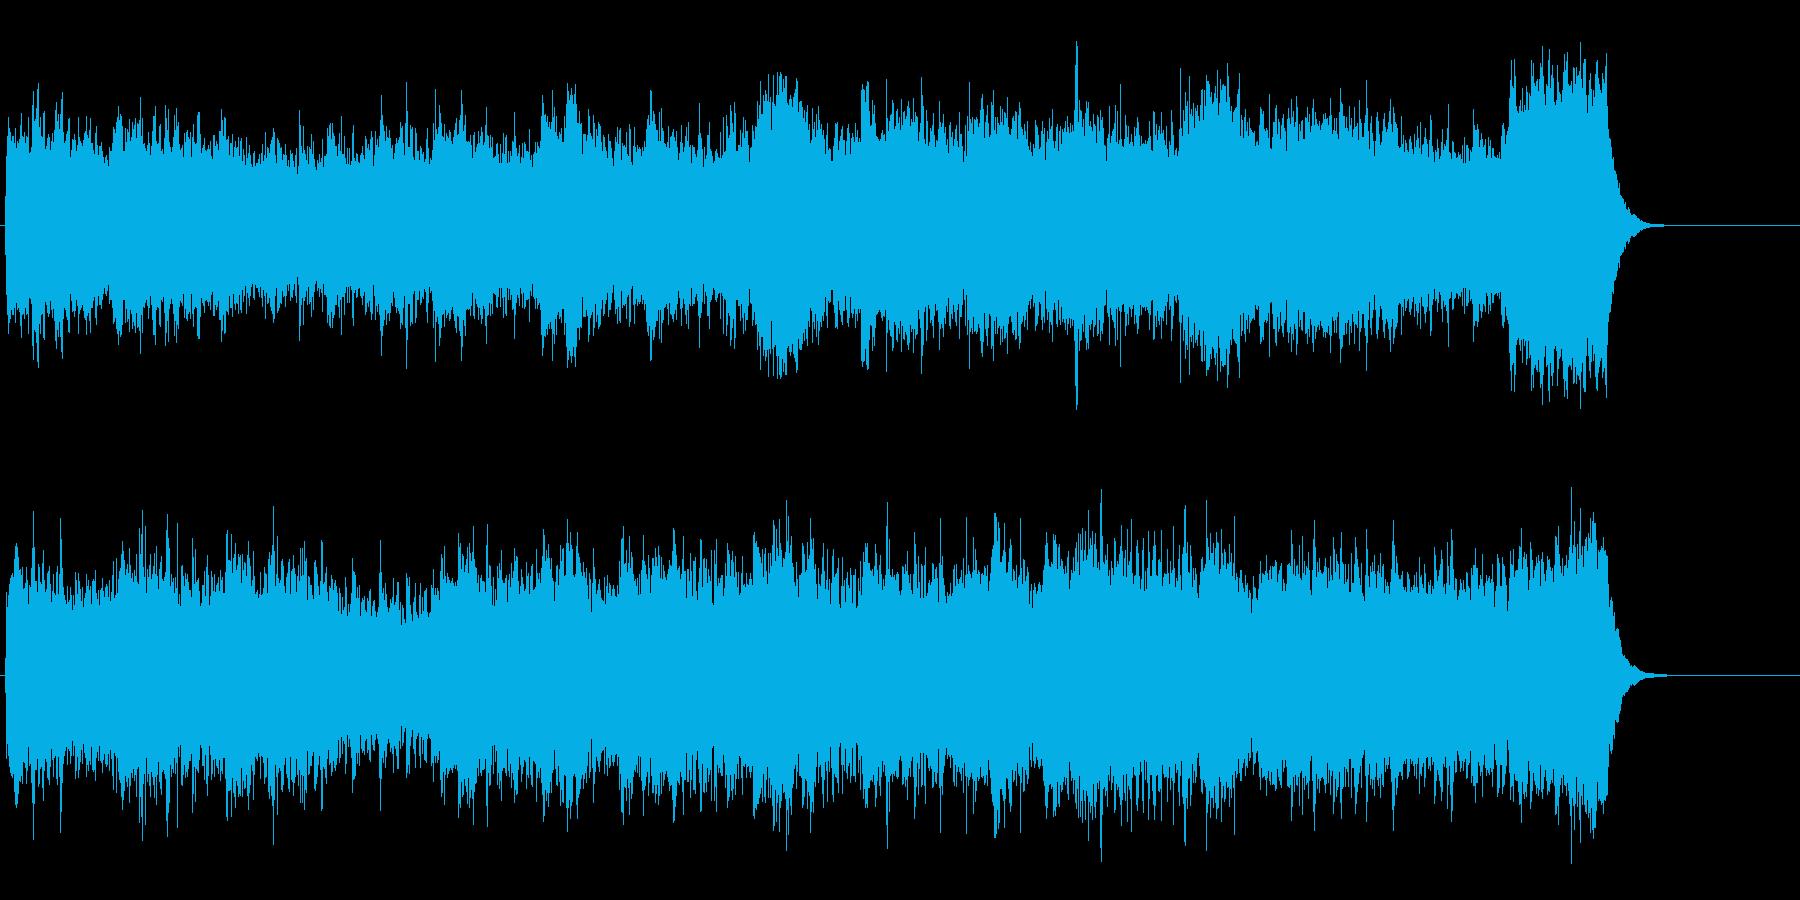 しっとりリラックスできるストリングス曲の再生済みの波形